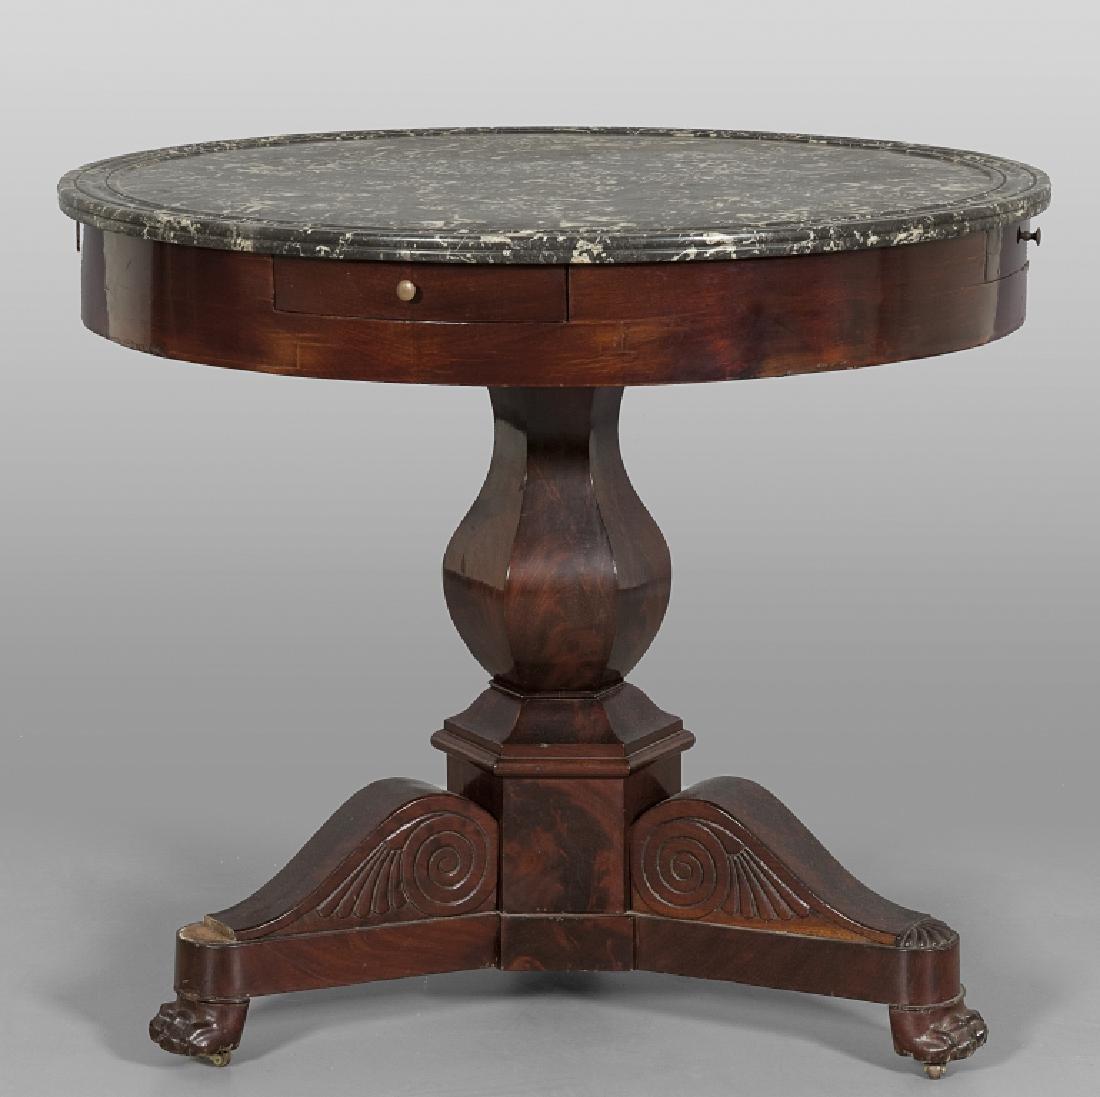 Tavolo da centro di forma rotonda lastronato in